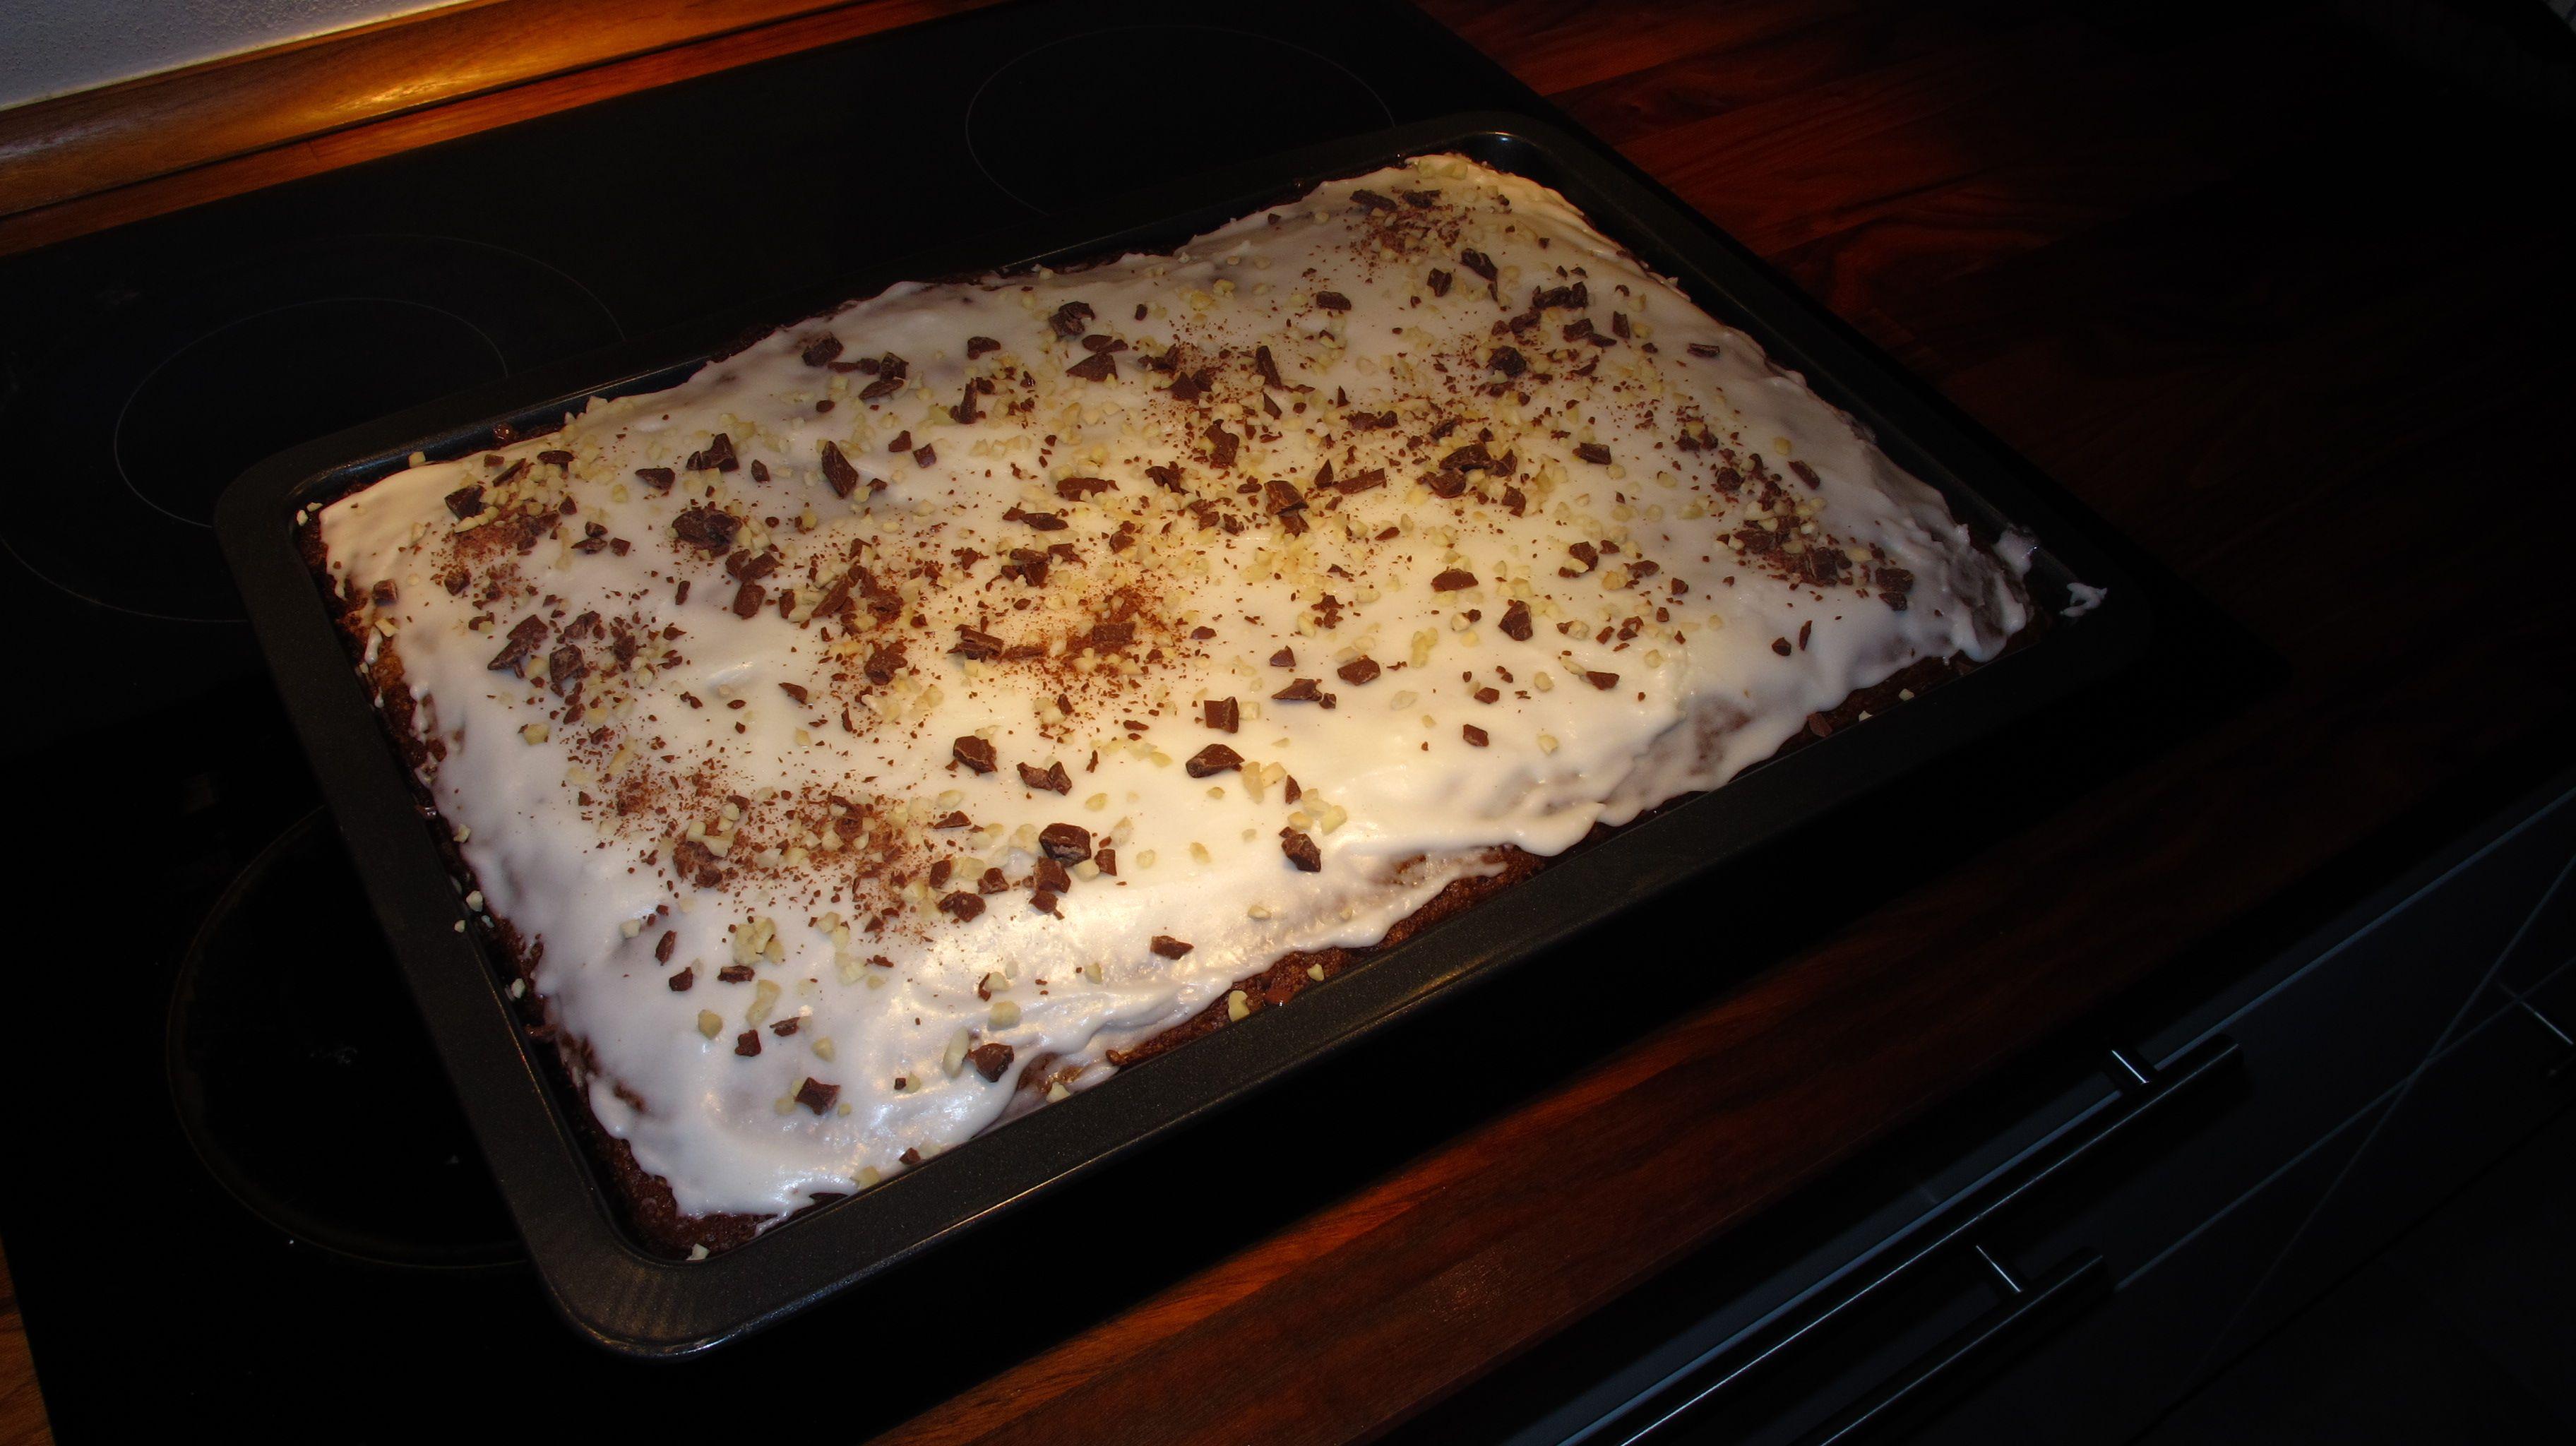 Her er opskriften til stor bradepande42 cm x 29 cm – god til ca. 20 personer: 300 g smør eller margarine 500 g sukker 4 æg 500 g mel 4 tsk. bagepulver 2 tsk. natron 6 tsk. kanel 4 dl. æblemo…